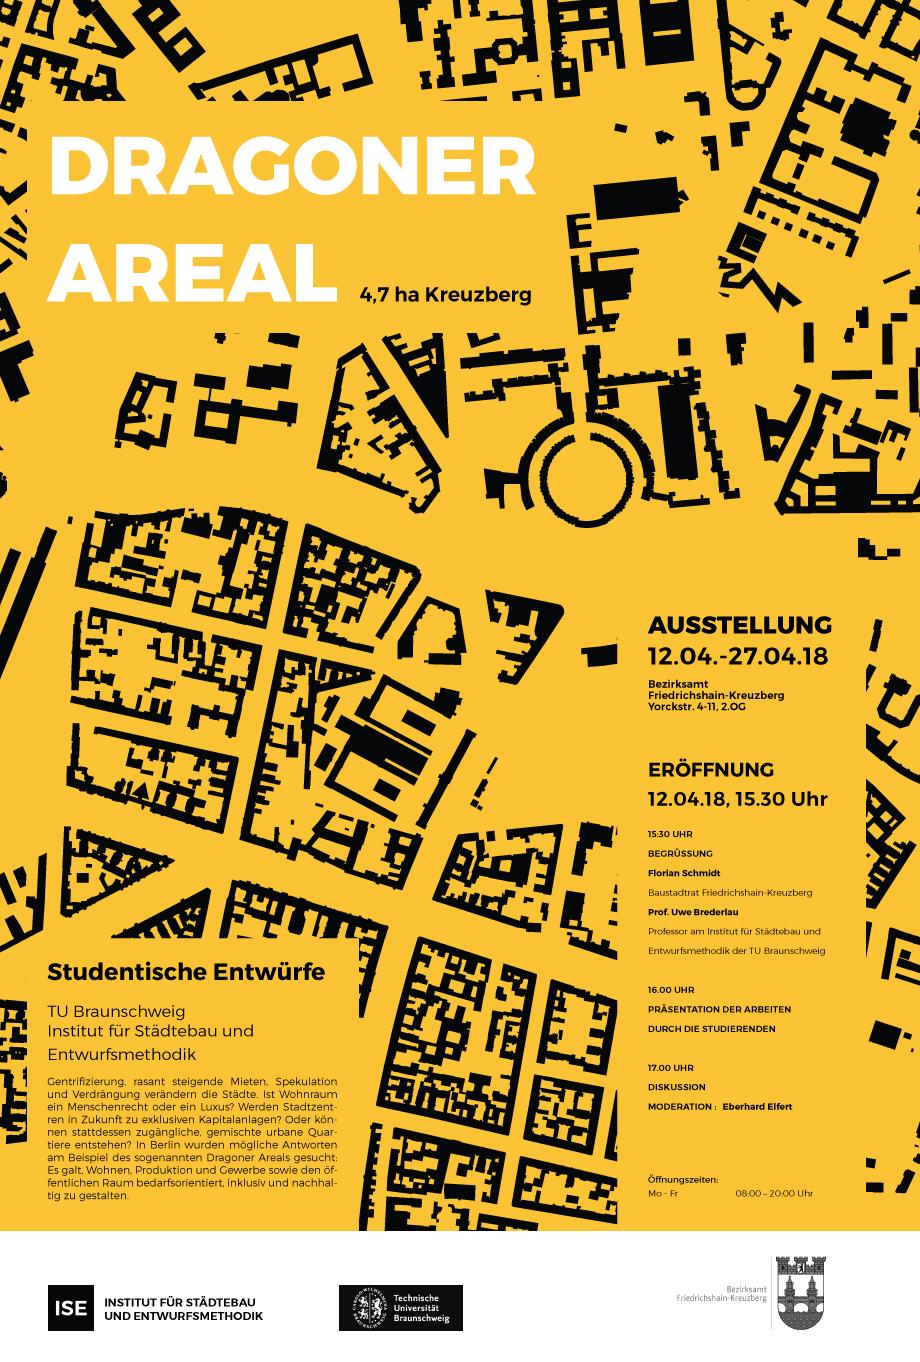 Ausstellung_DragonerAreal_Plakat